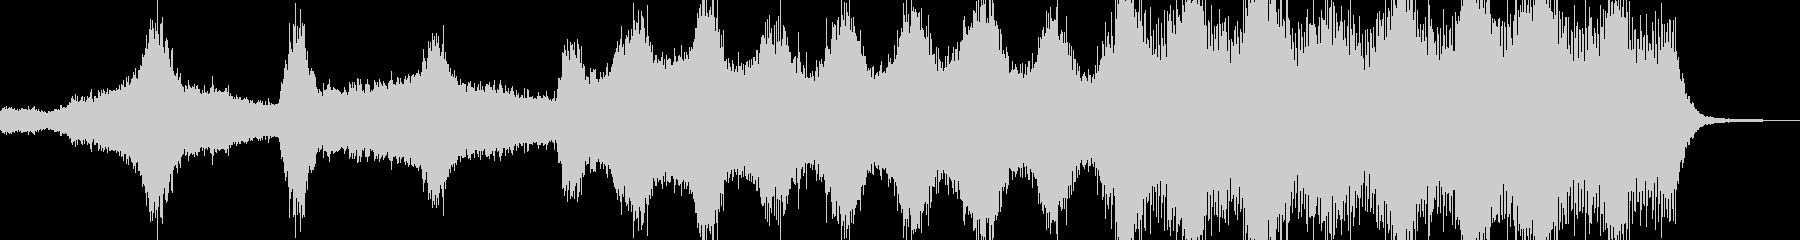 アンデッド・血生臭いホラーを演出 A3の未再生の波形